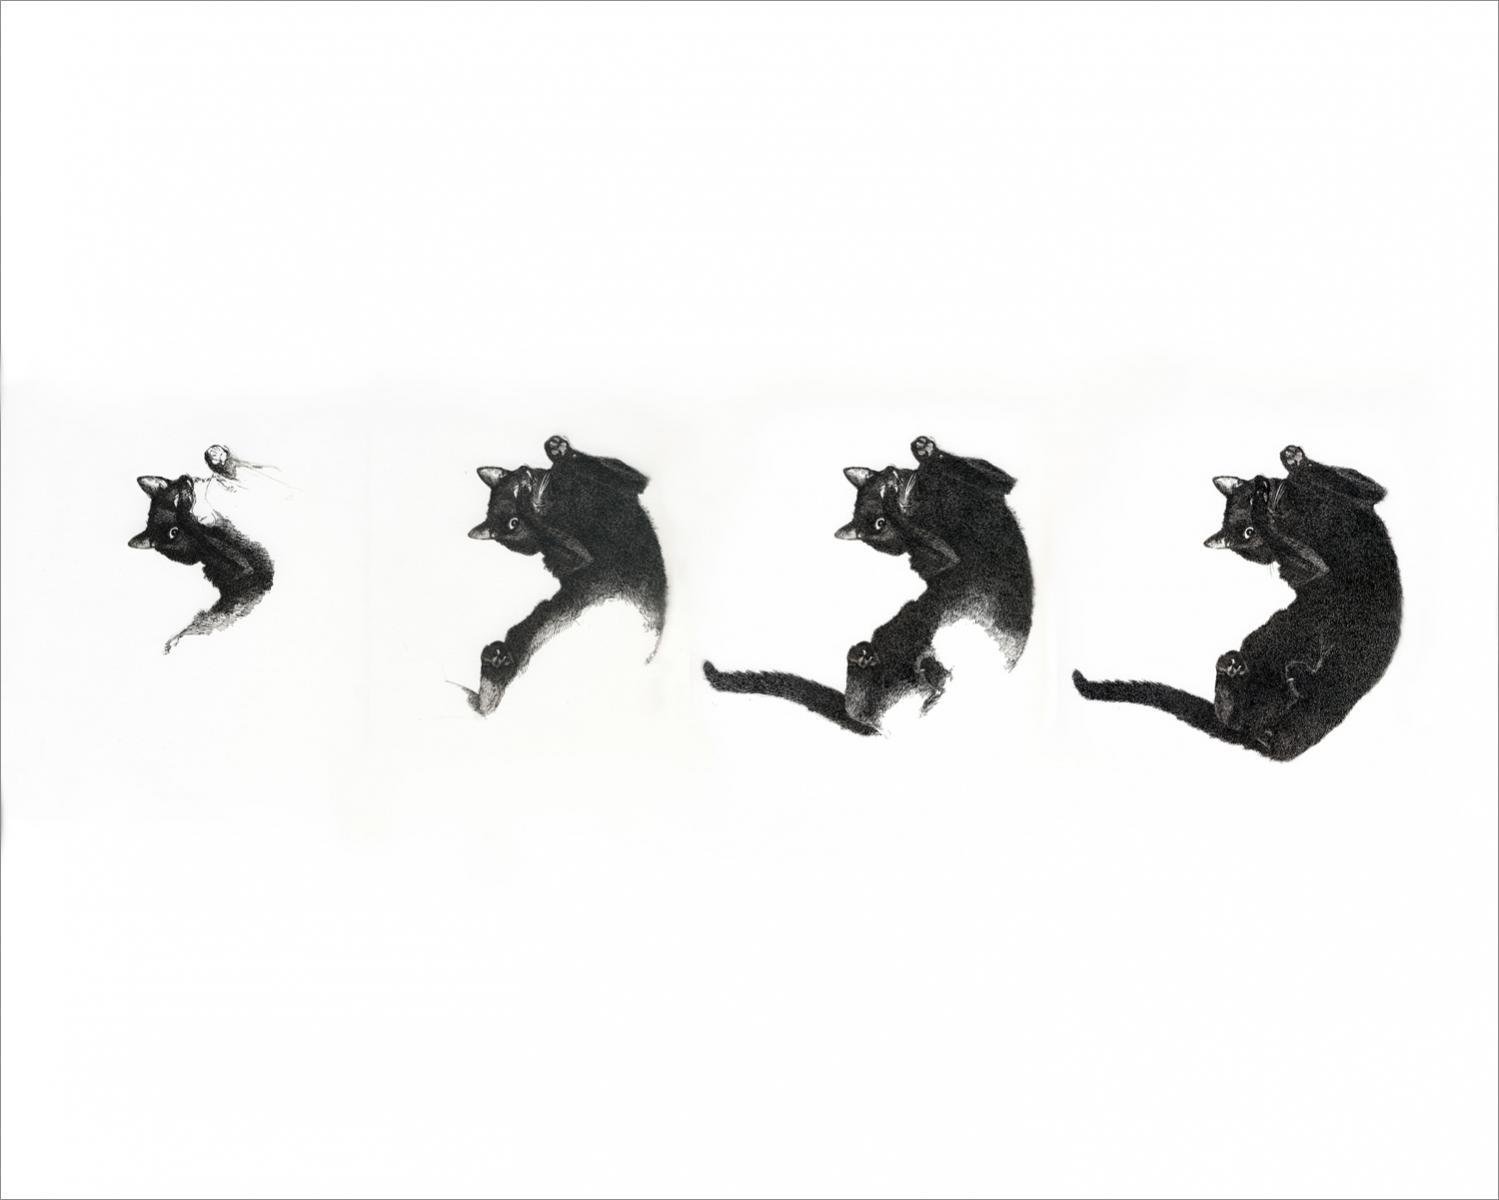 Henri Blanc dessins à la plume -  ink drawing La naissance d'un Arnold voluptueux